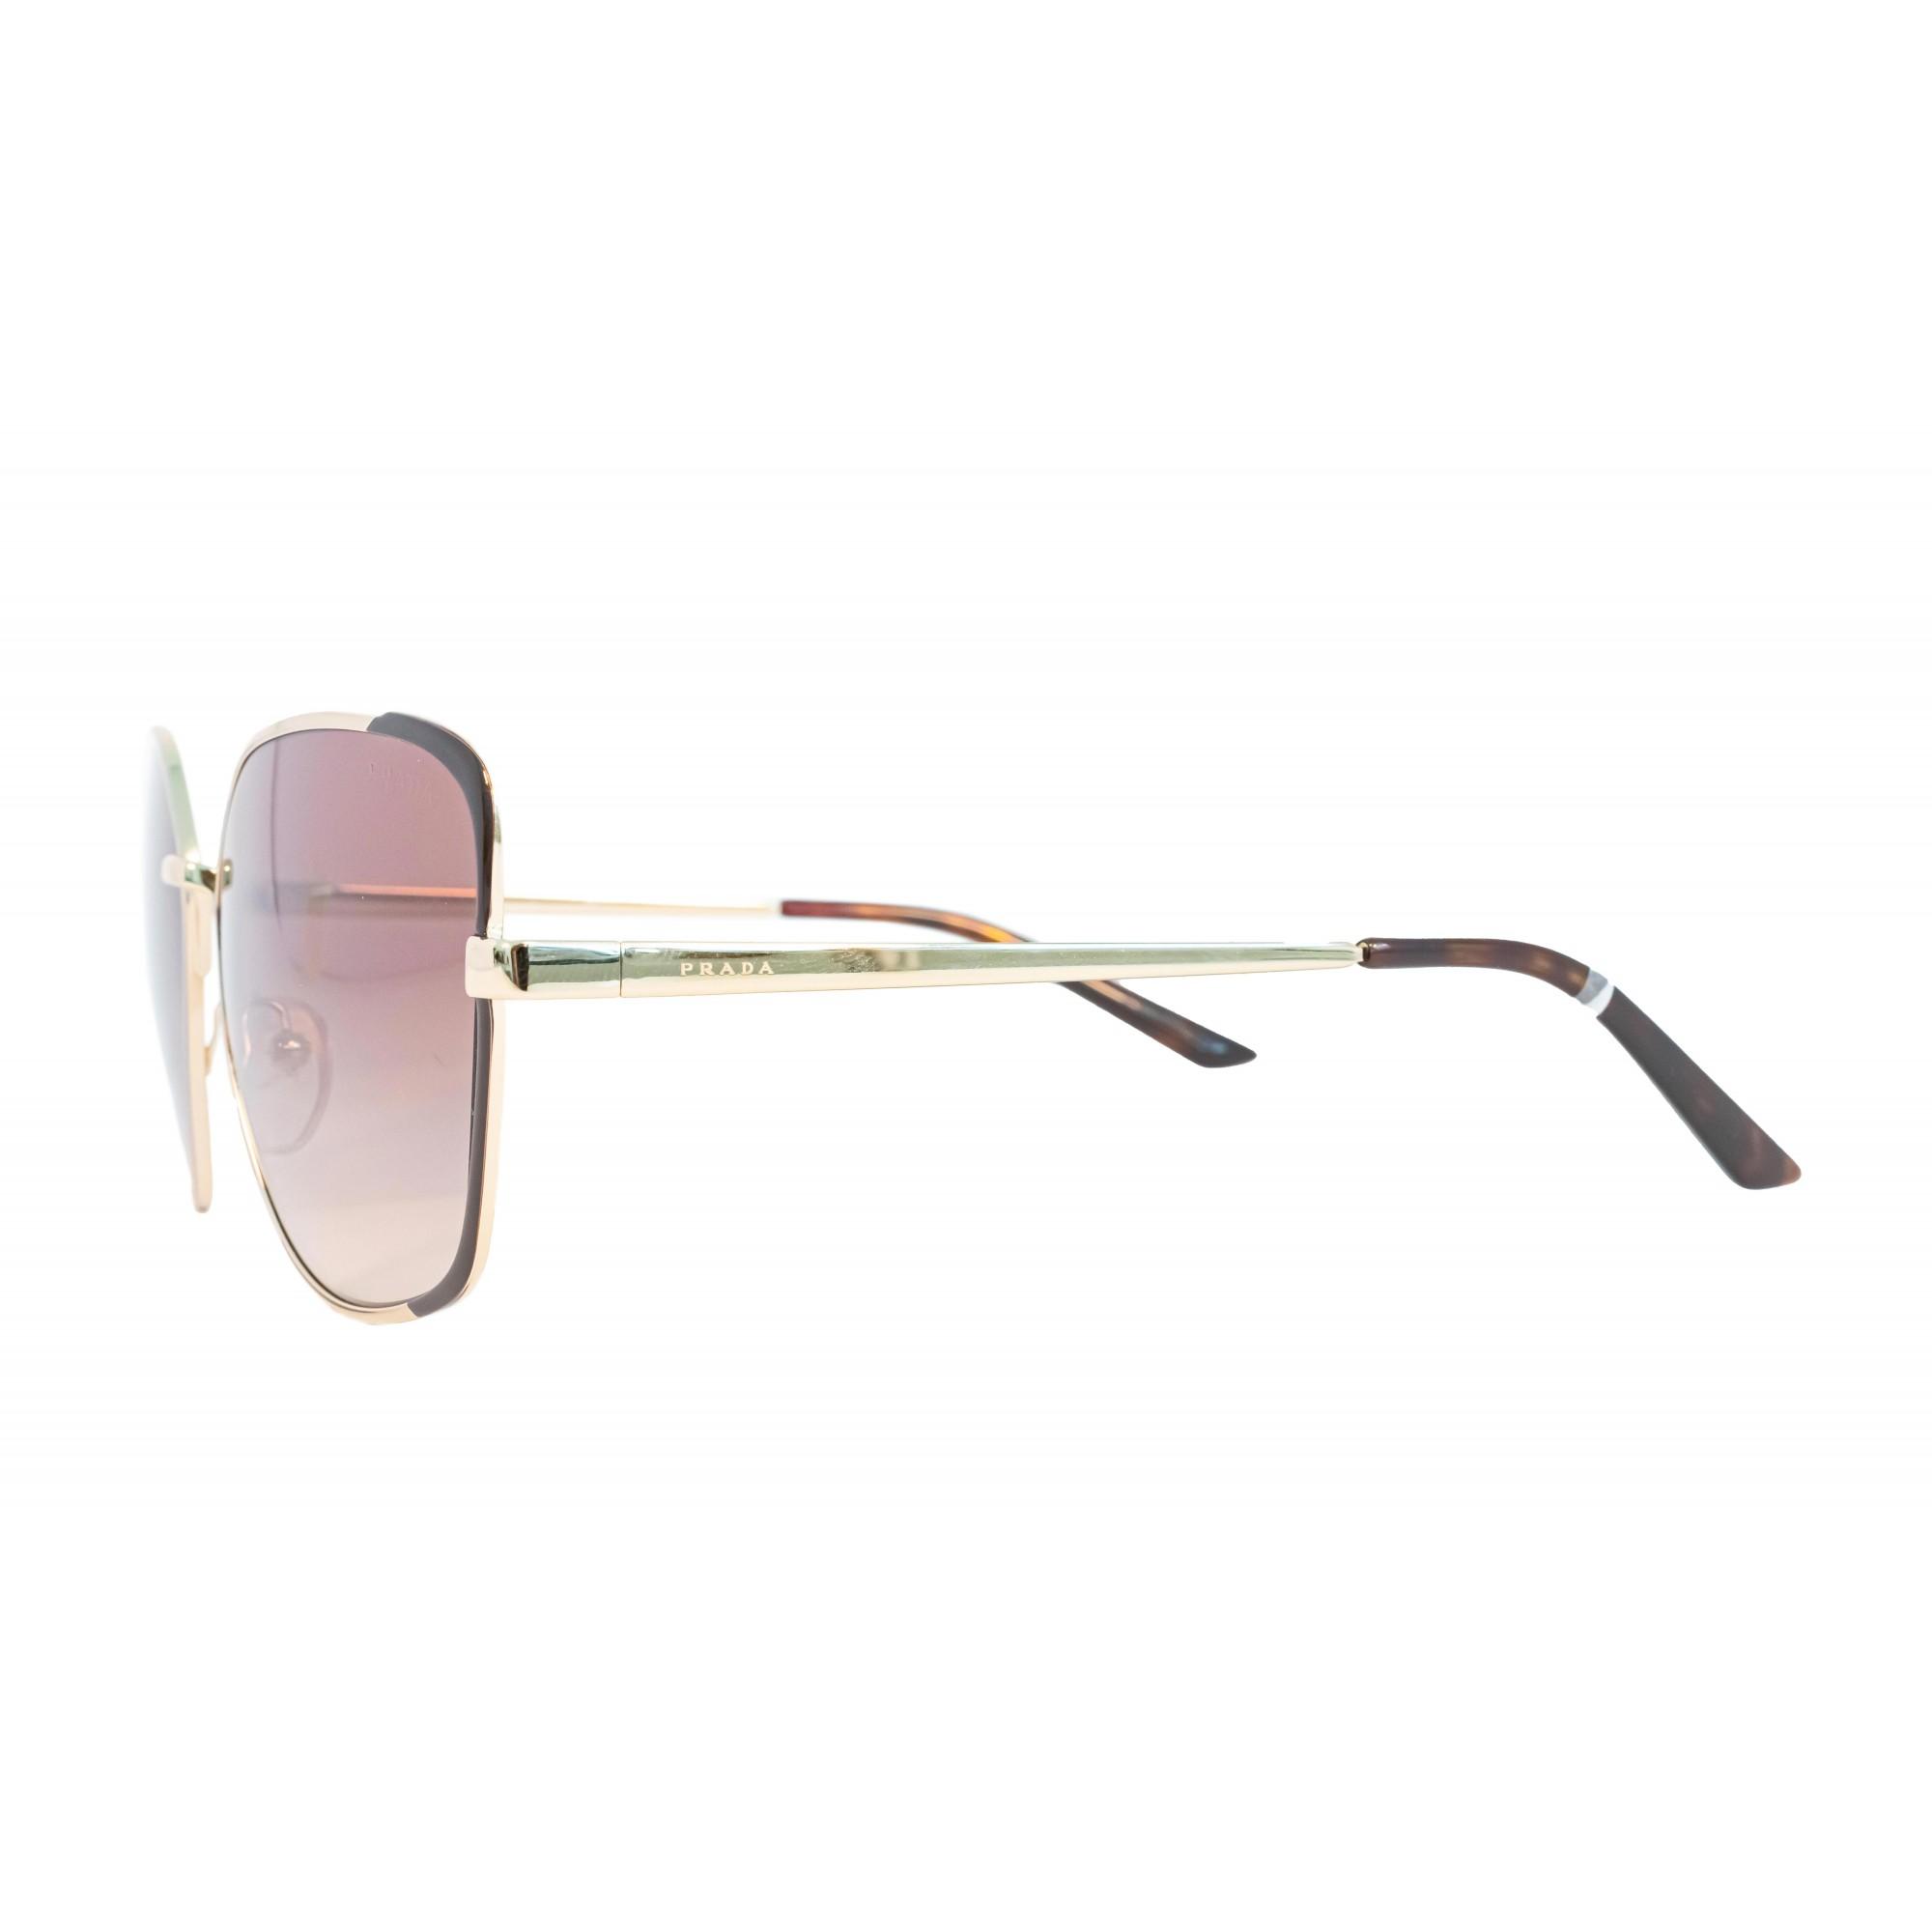 Óculos Prada Quadrado Spr60x Kof3d0 59 Dourado